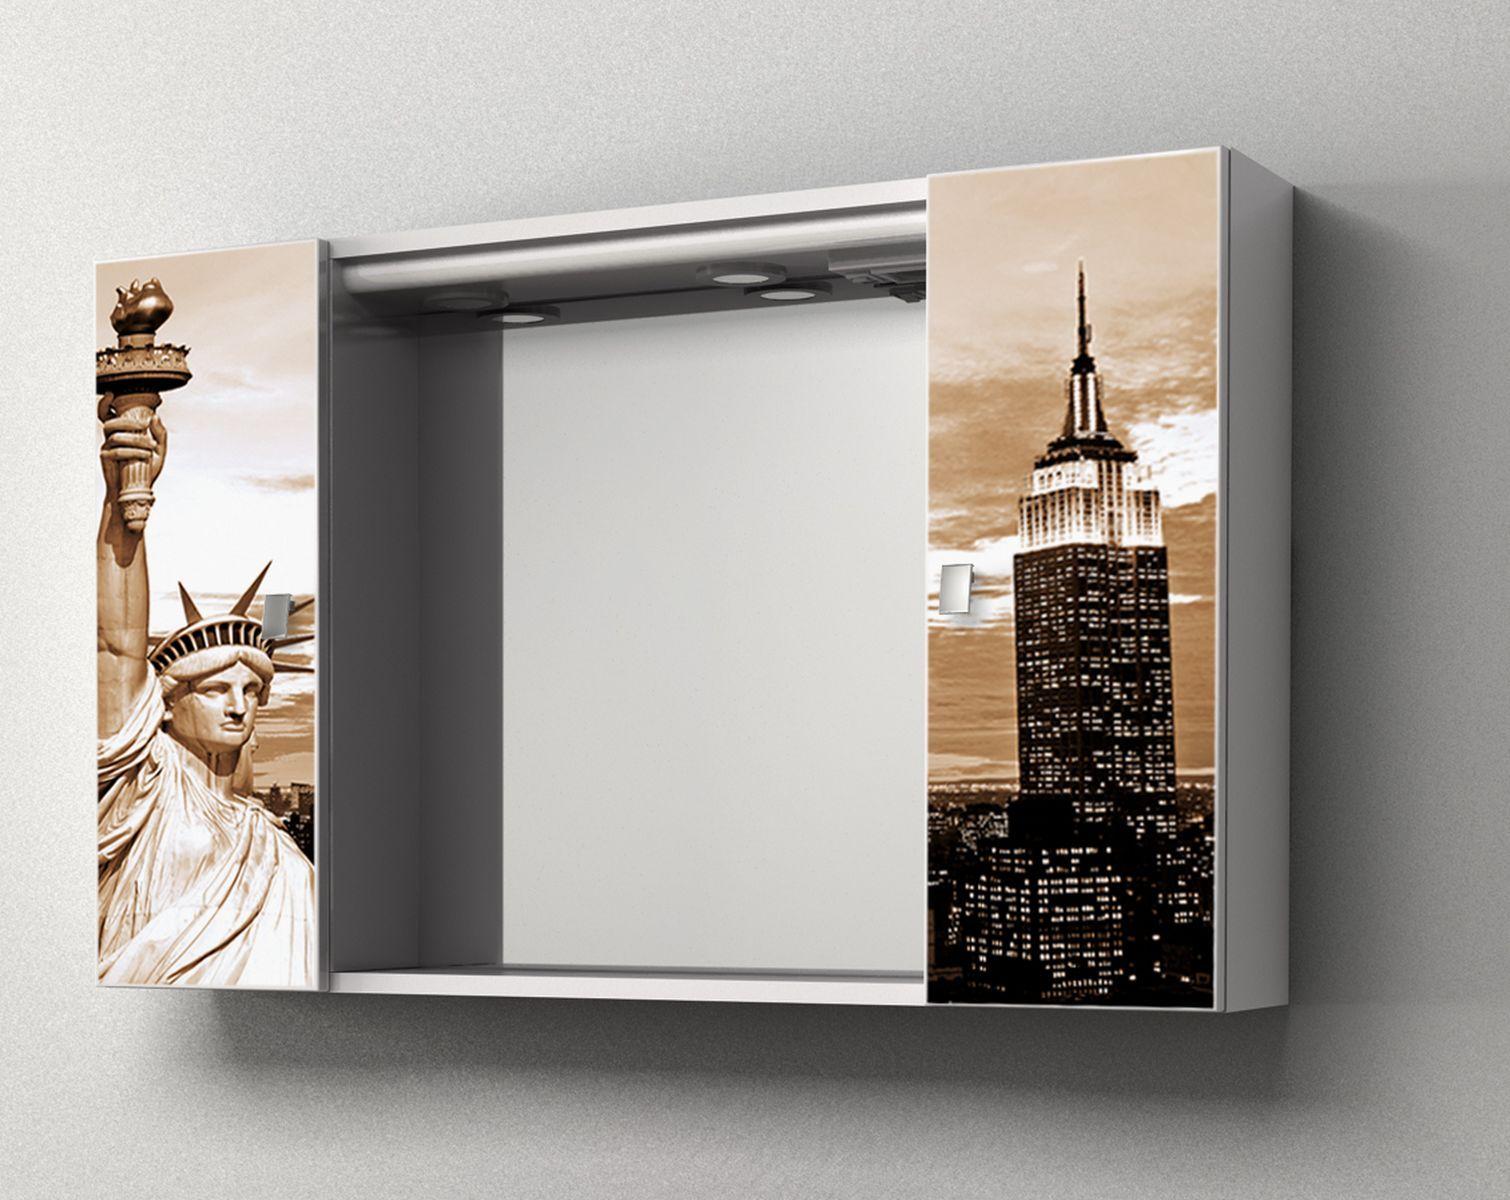 Specchiera contenitore da bagno yellow 94x60hx17 cm - Lo specchio retrovisore centrale ...